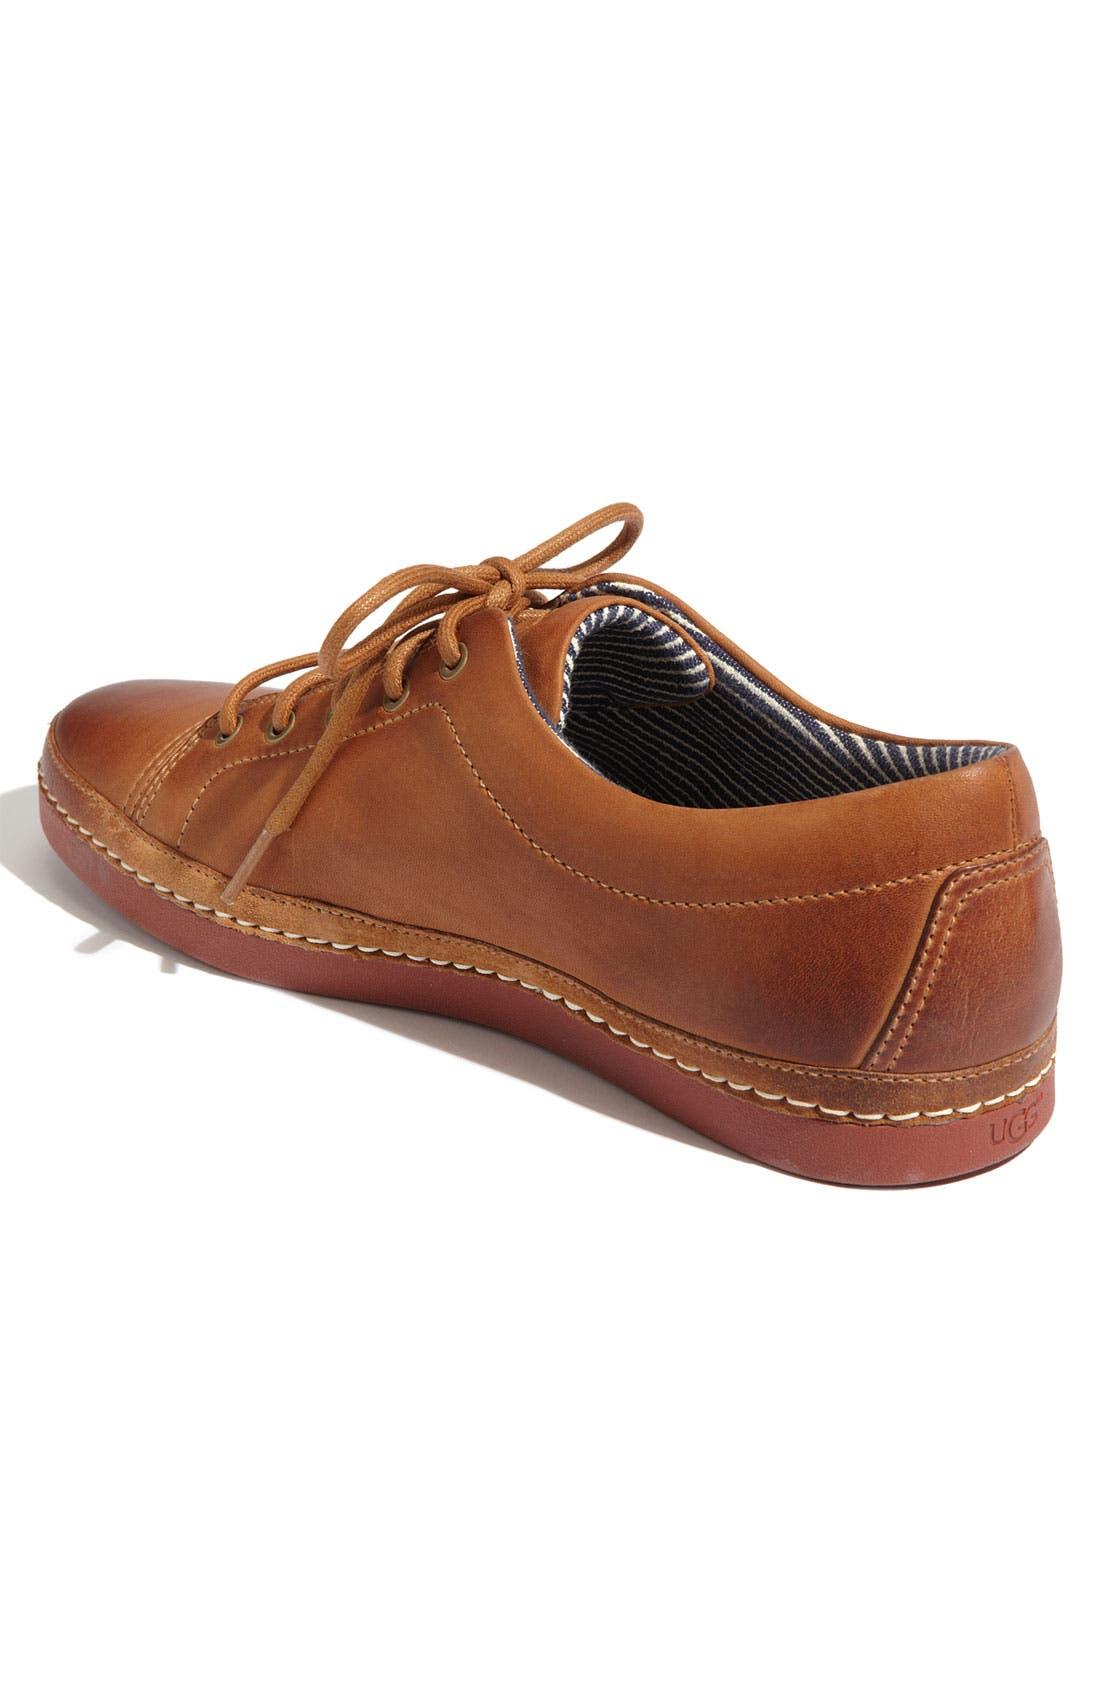 Alternate Image 2  - UGG® Australia 'Duncan Bay' Leather Sneaker (Men)